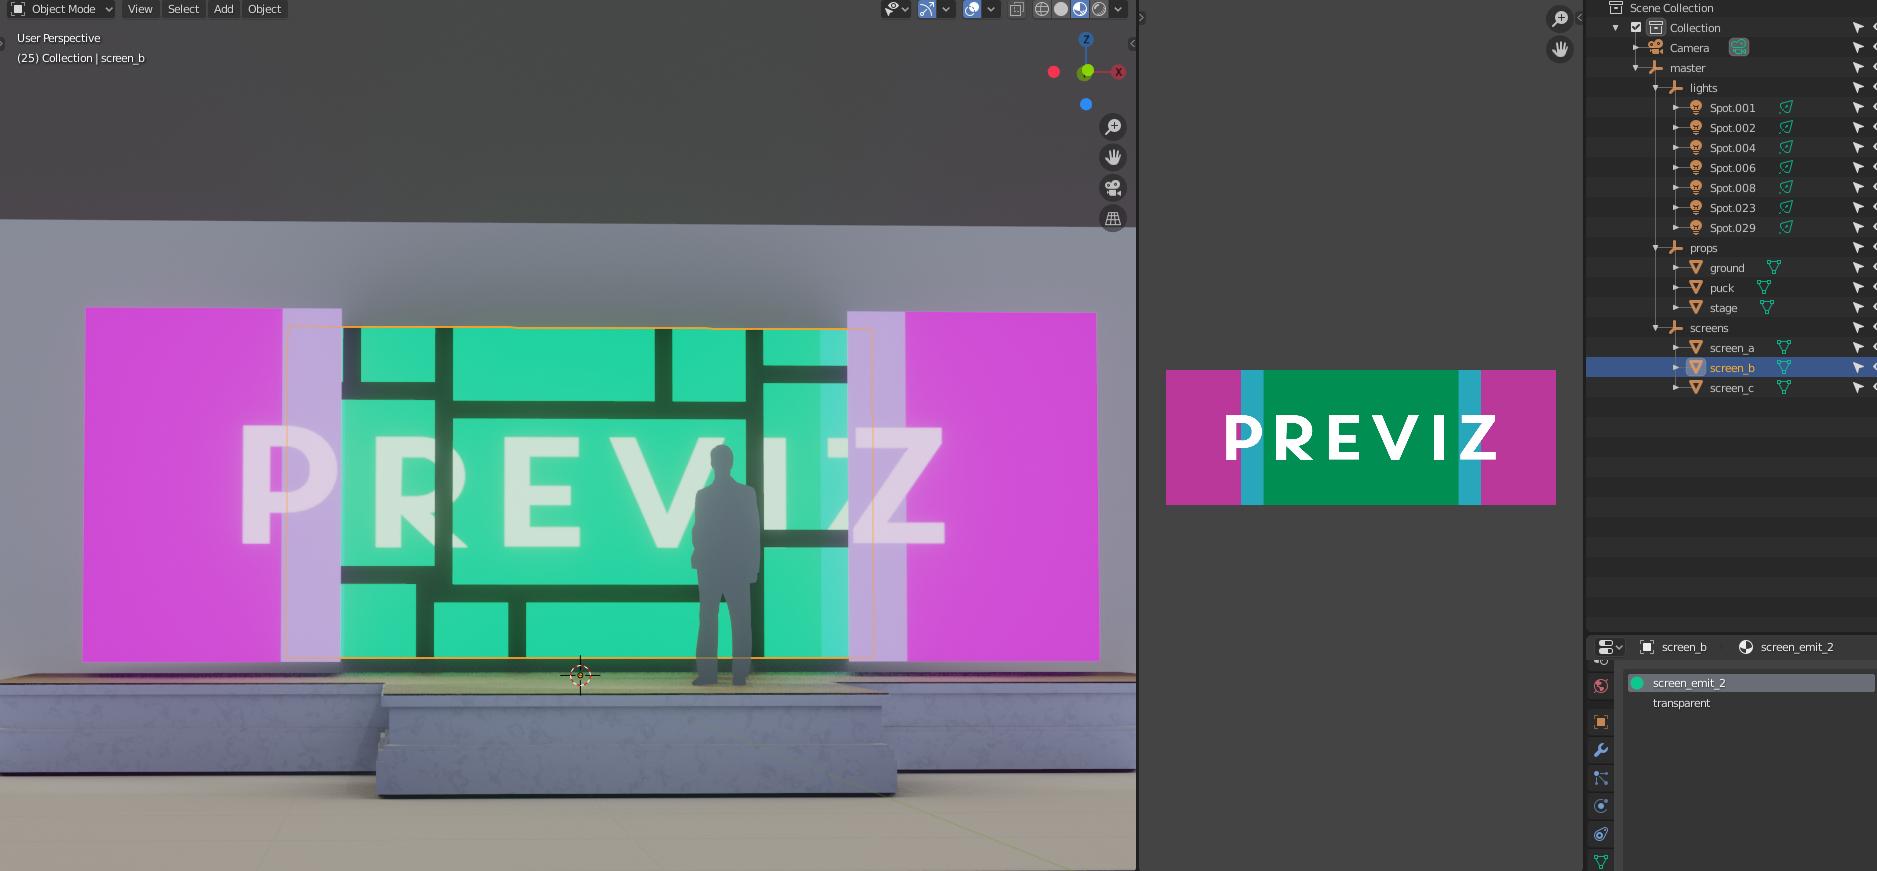 Previz Tutorial - Preparing Your Scene